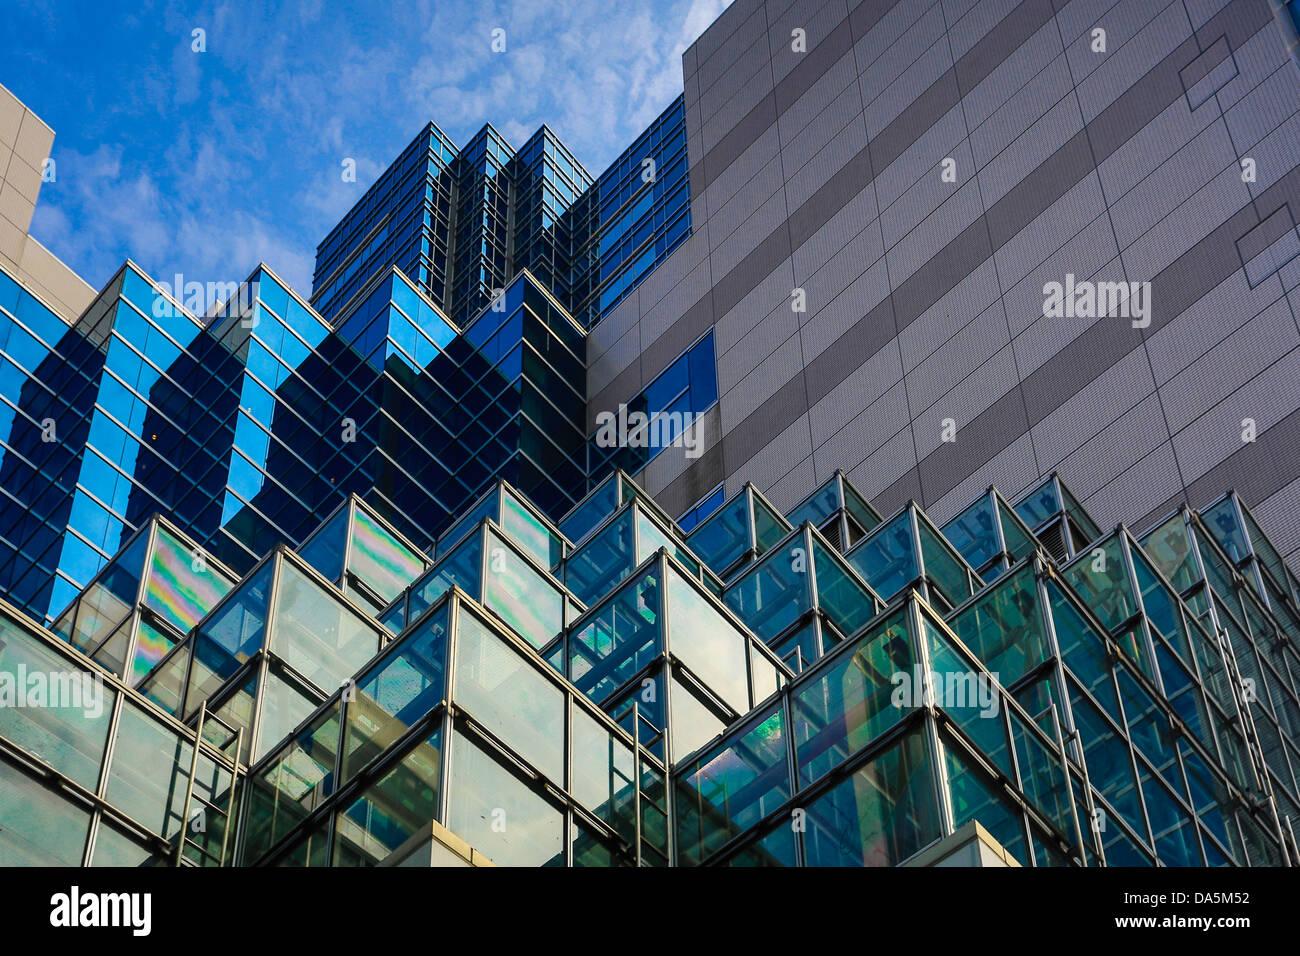 Le Japon, en Asie, Tokyo, Ville, District, Ikebukuro, détail, architecture, bâtiment, verre, Ikebukuro, Photo Stock